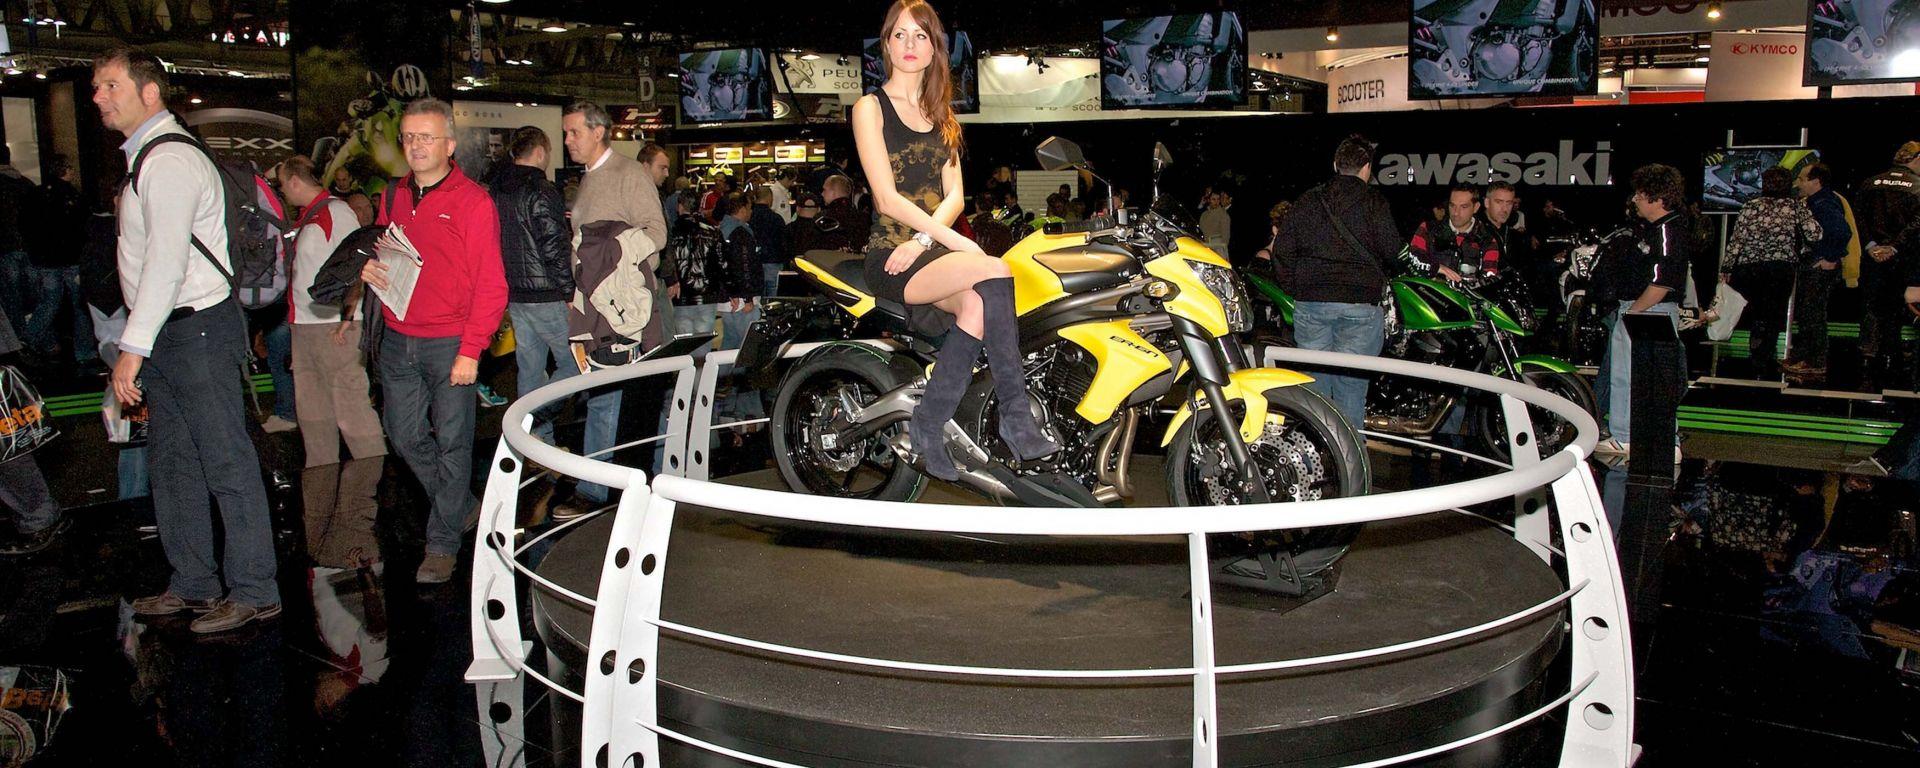 Eicma 2011: reportage fotografico